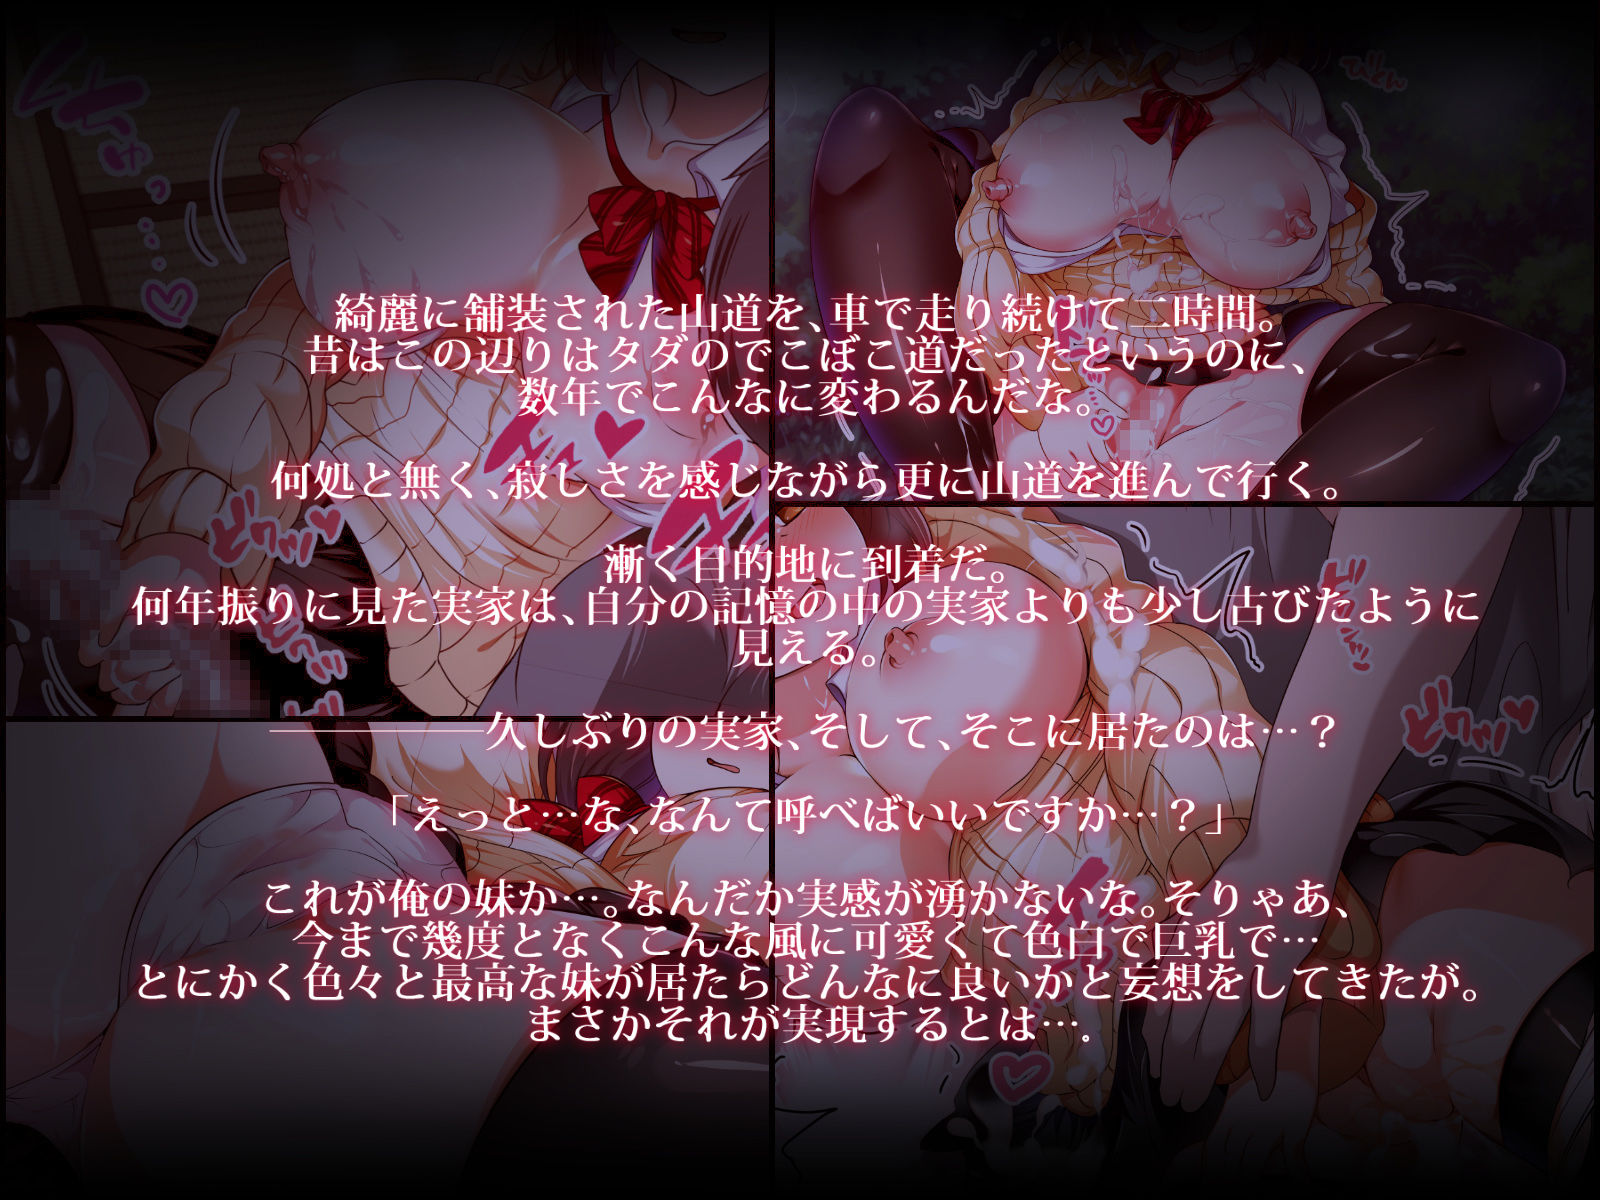 [尻フェチ]「妖精蘭のあぶないお尻と」(素人)